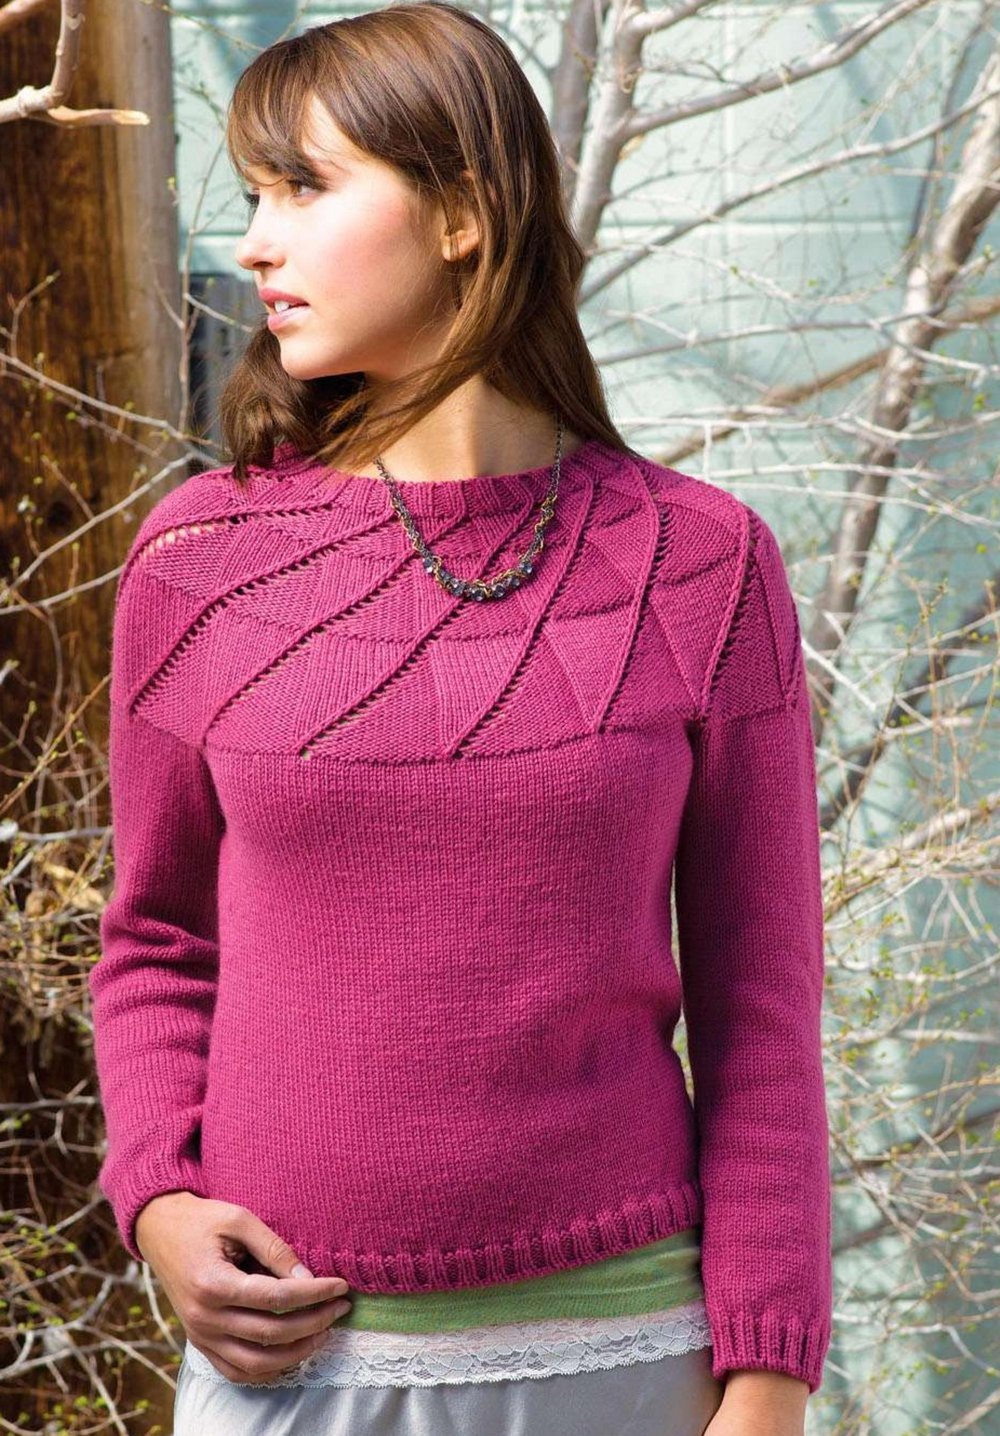 вязание спицами пуловеры с кокеткой схемы